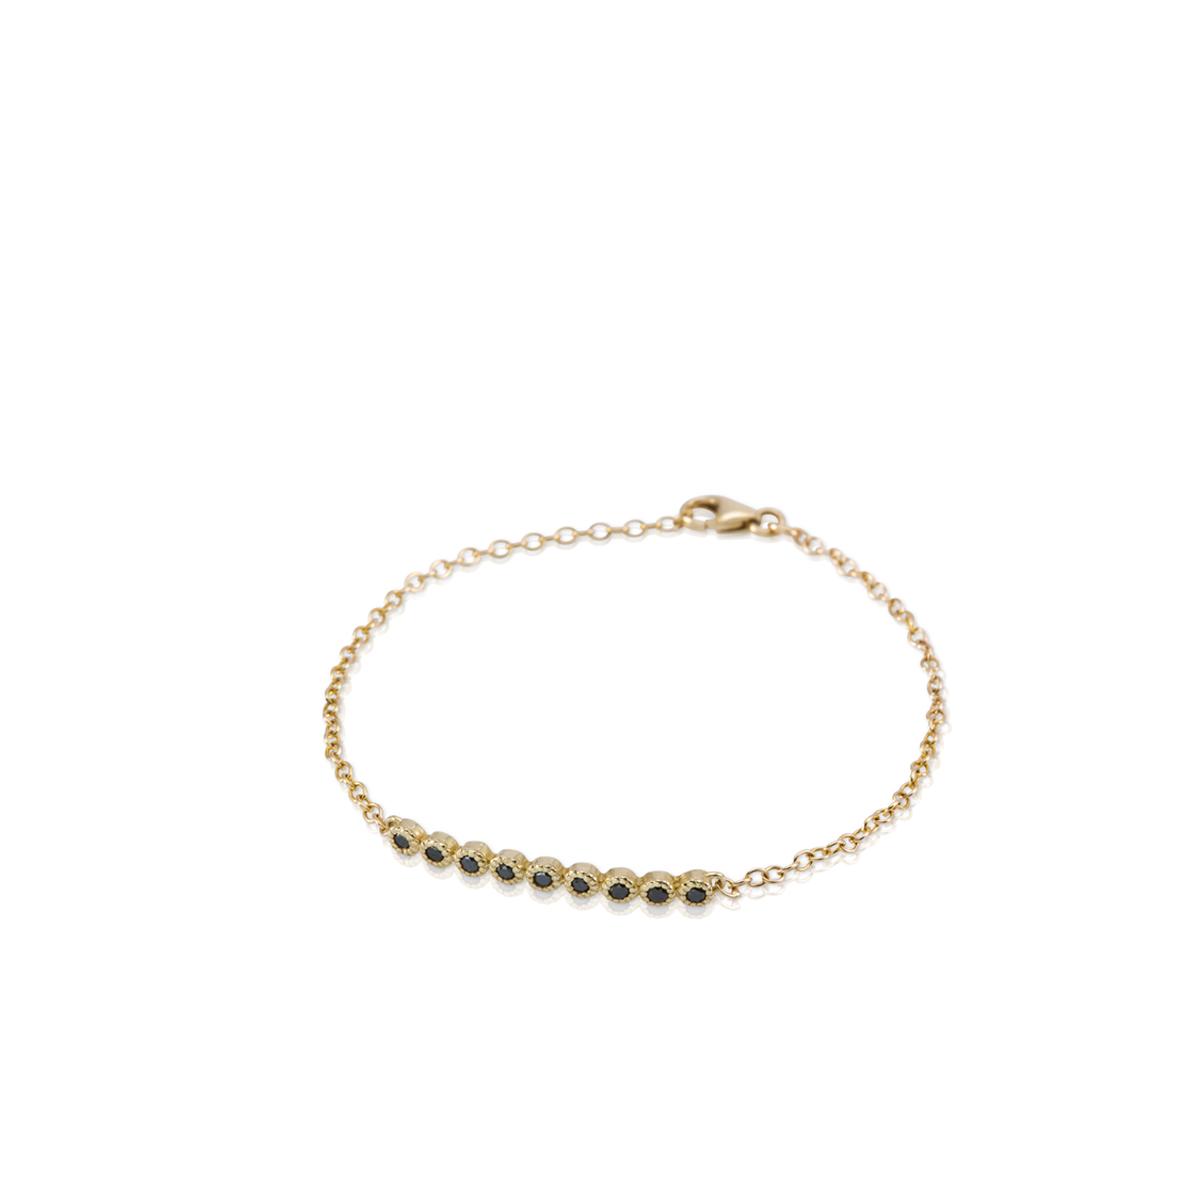 Gold bracelet set with 9 Black diamonds